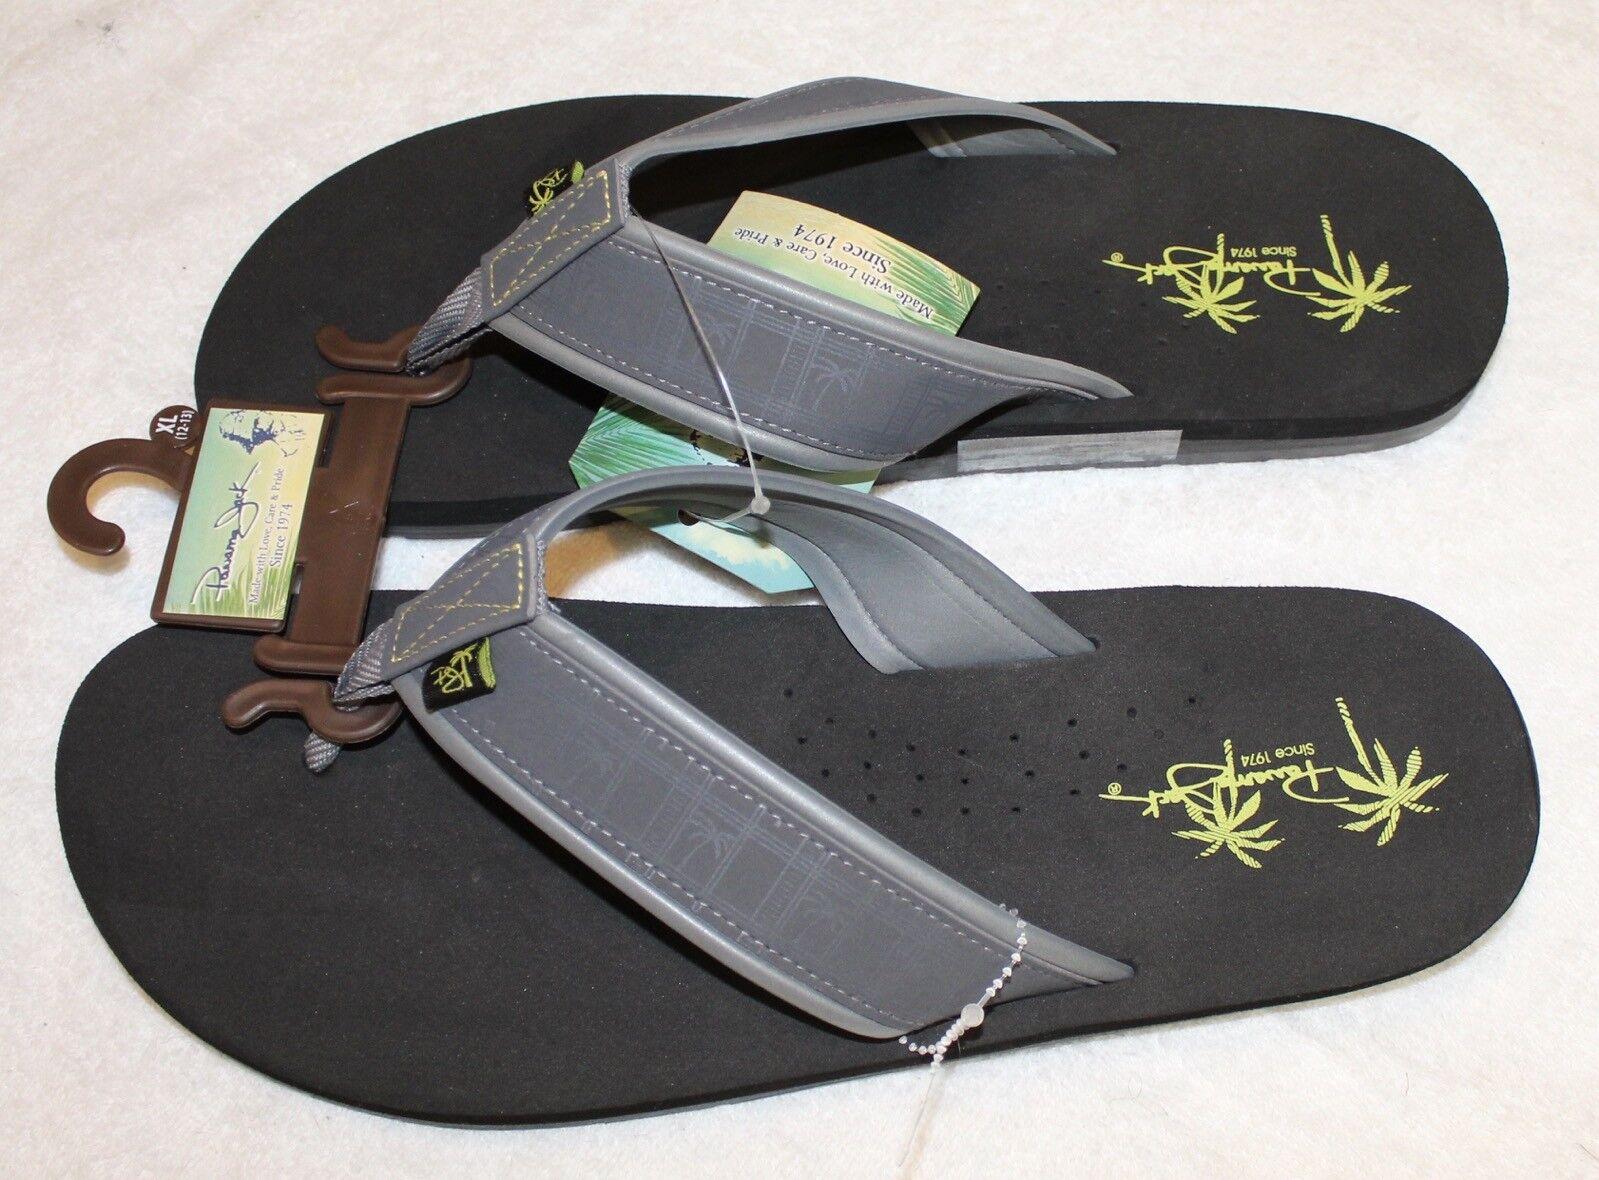 Panama Jack Mens Gray Canvas Size Leather Flip-Flops Sandals NWT Size Canvas L 10-11 5054c8